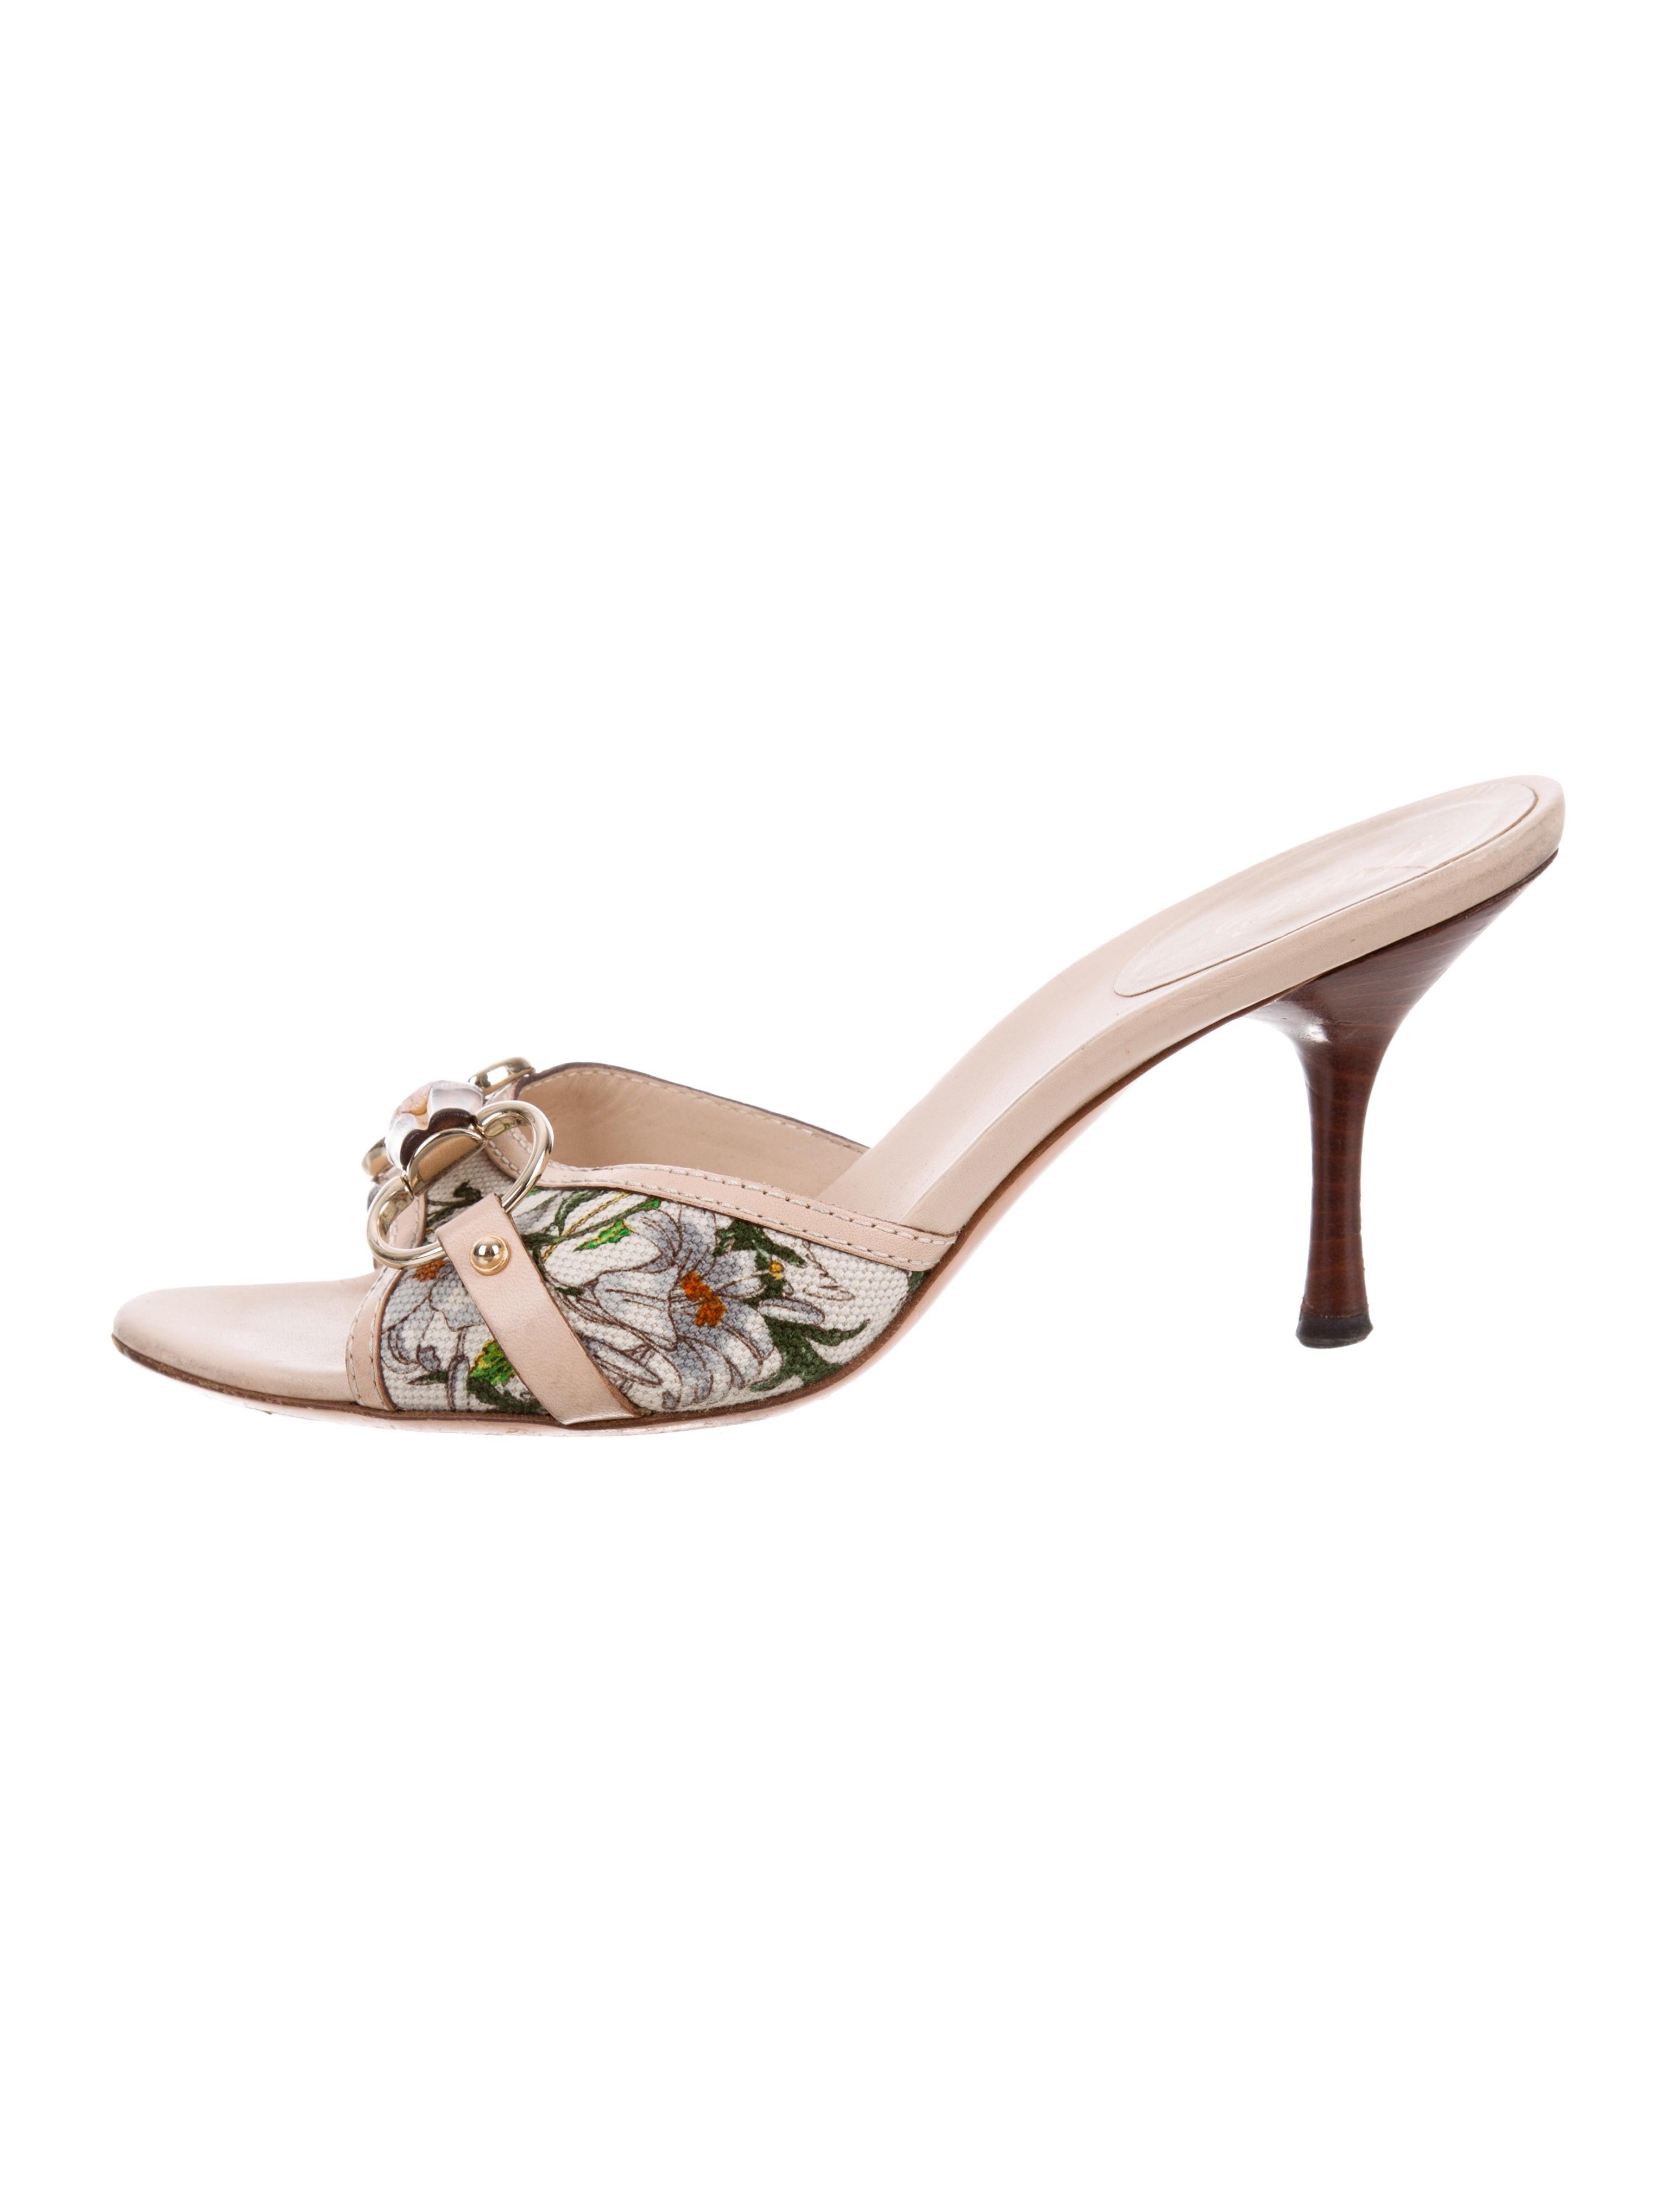 499081dea61 Gucci Flora Horsebit Sandals - Shoes - GUC229349